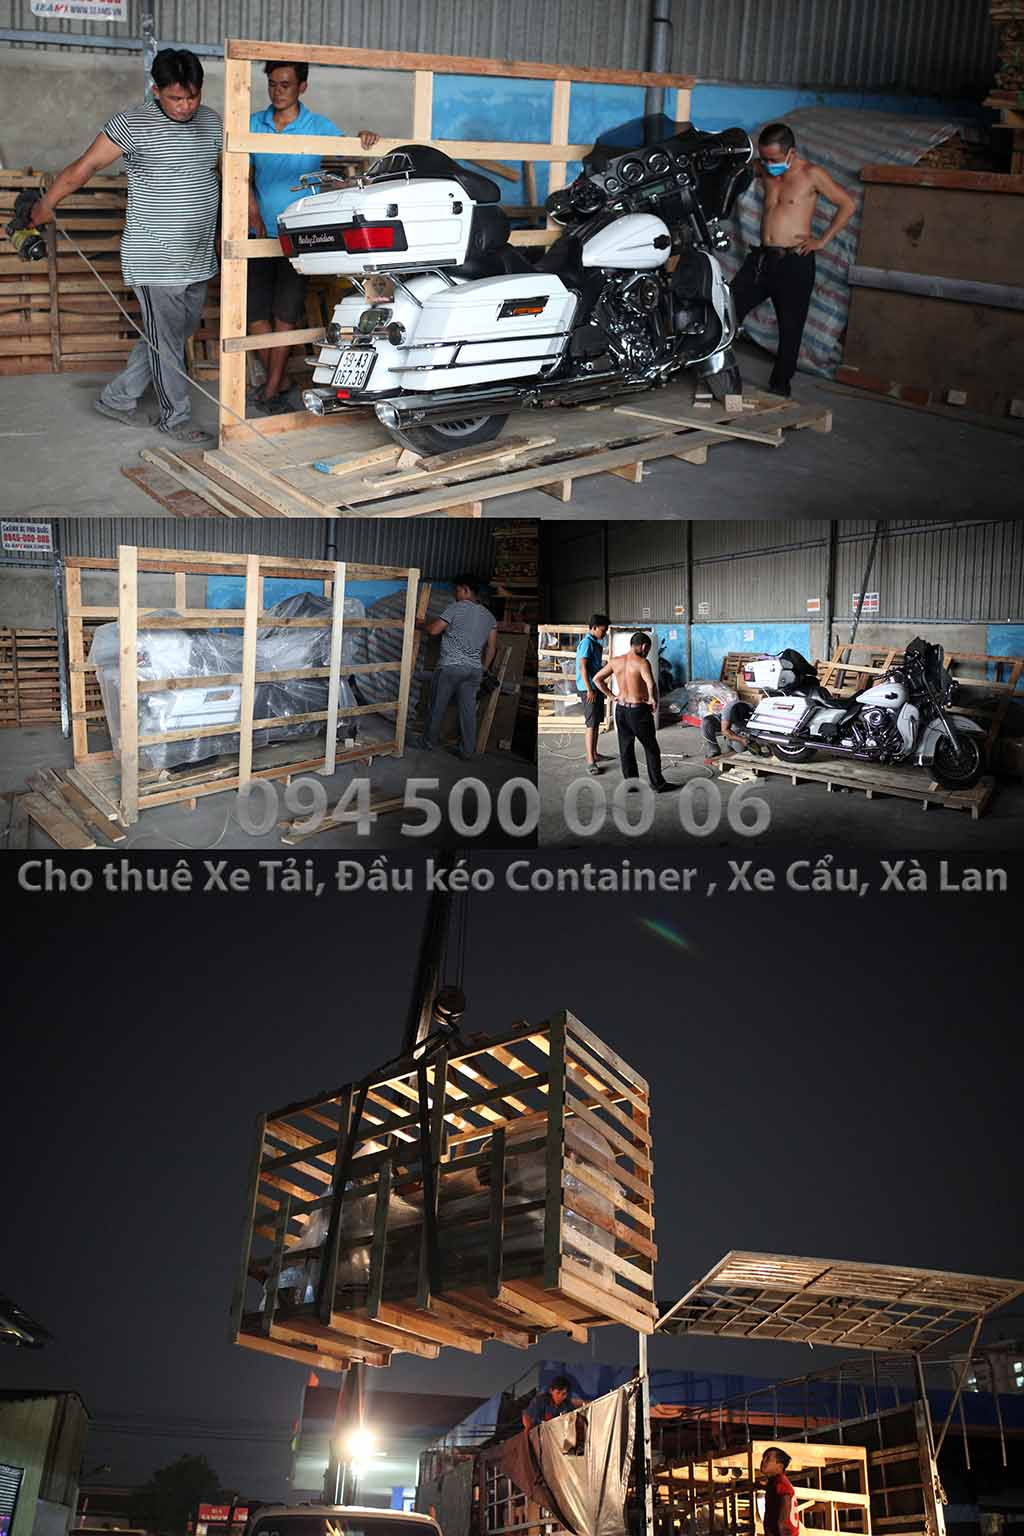 (Ảnh: đóng kiện gỗ hàng hóa; Cty Con Rùa Biển nhận vận chuyển và kiêm cả việc đóng kiện gỗ nếu đó là hàng hóa dễ hư hỏng khi vận chuyển, kiện gỗ đảm bảo tiêu chuẩn vận chuyển an toàn; trong ảnh là đóng kiện gỗ xe PHÂN KHỐI LỚN, xe môtô cho chắc chắn khi đi đường dài)